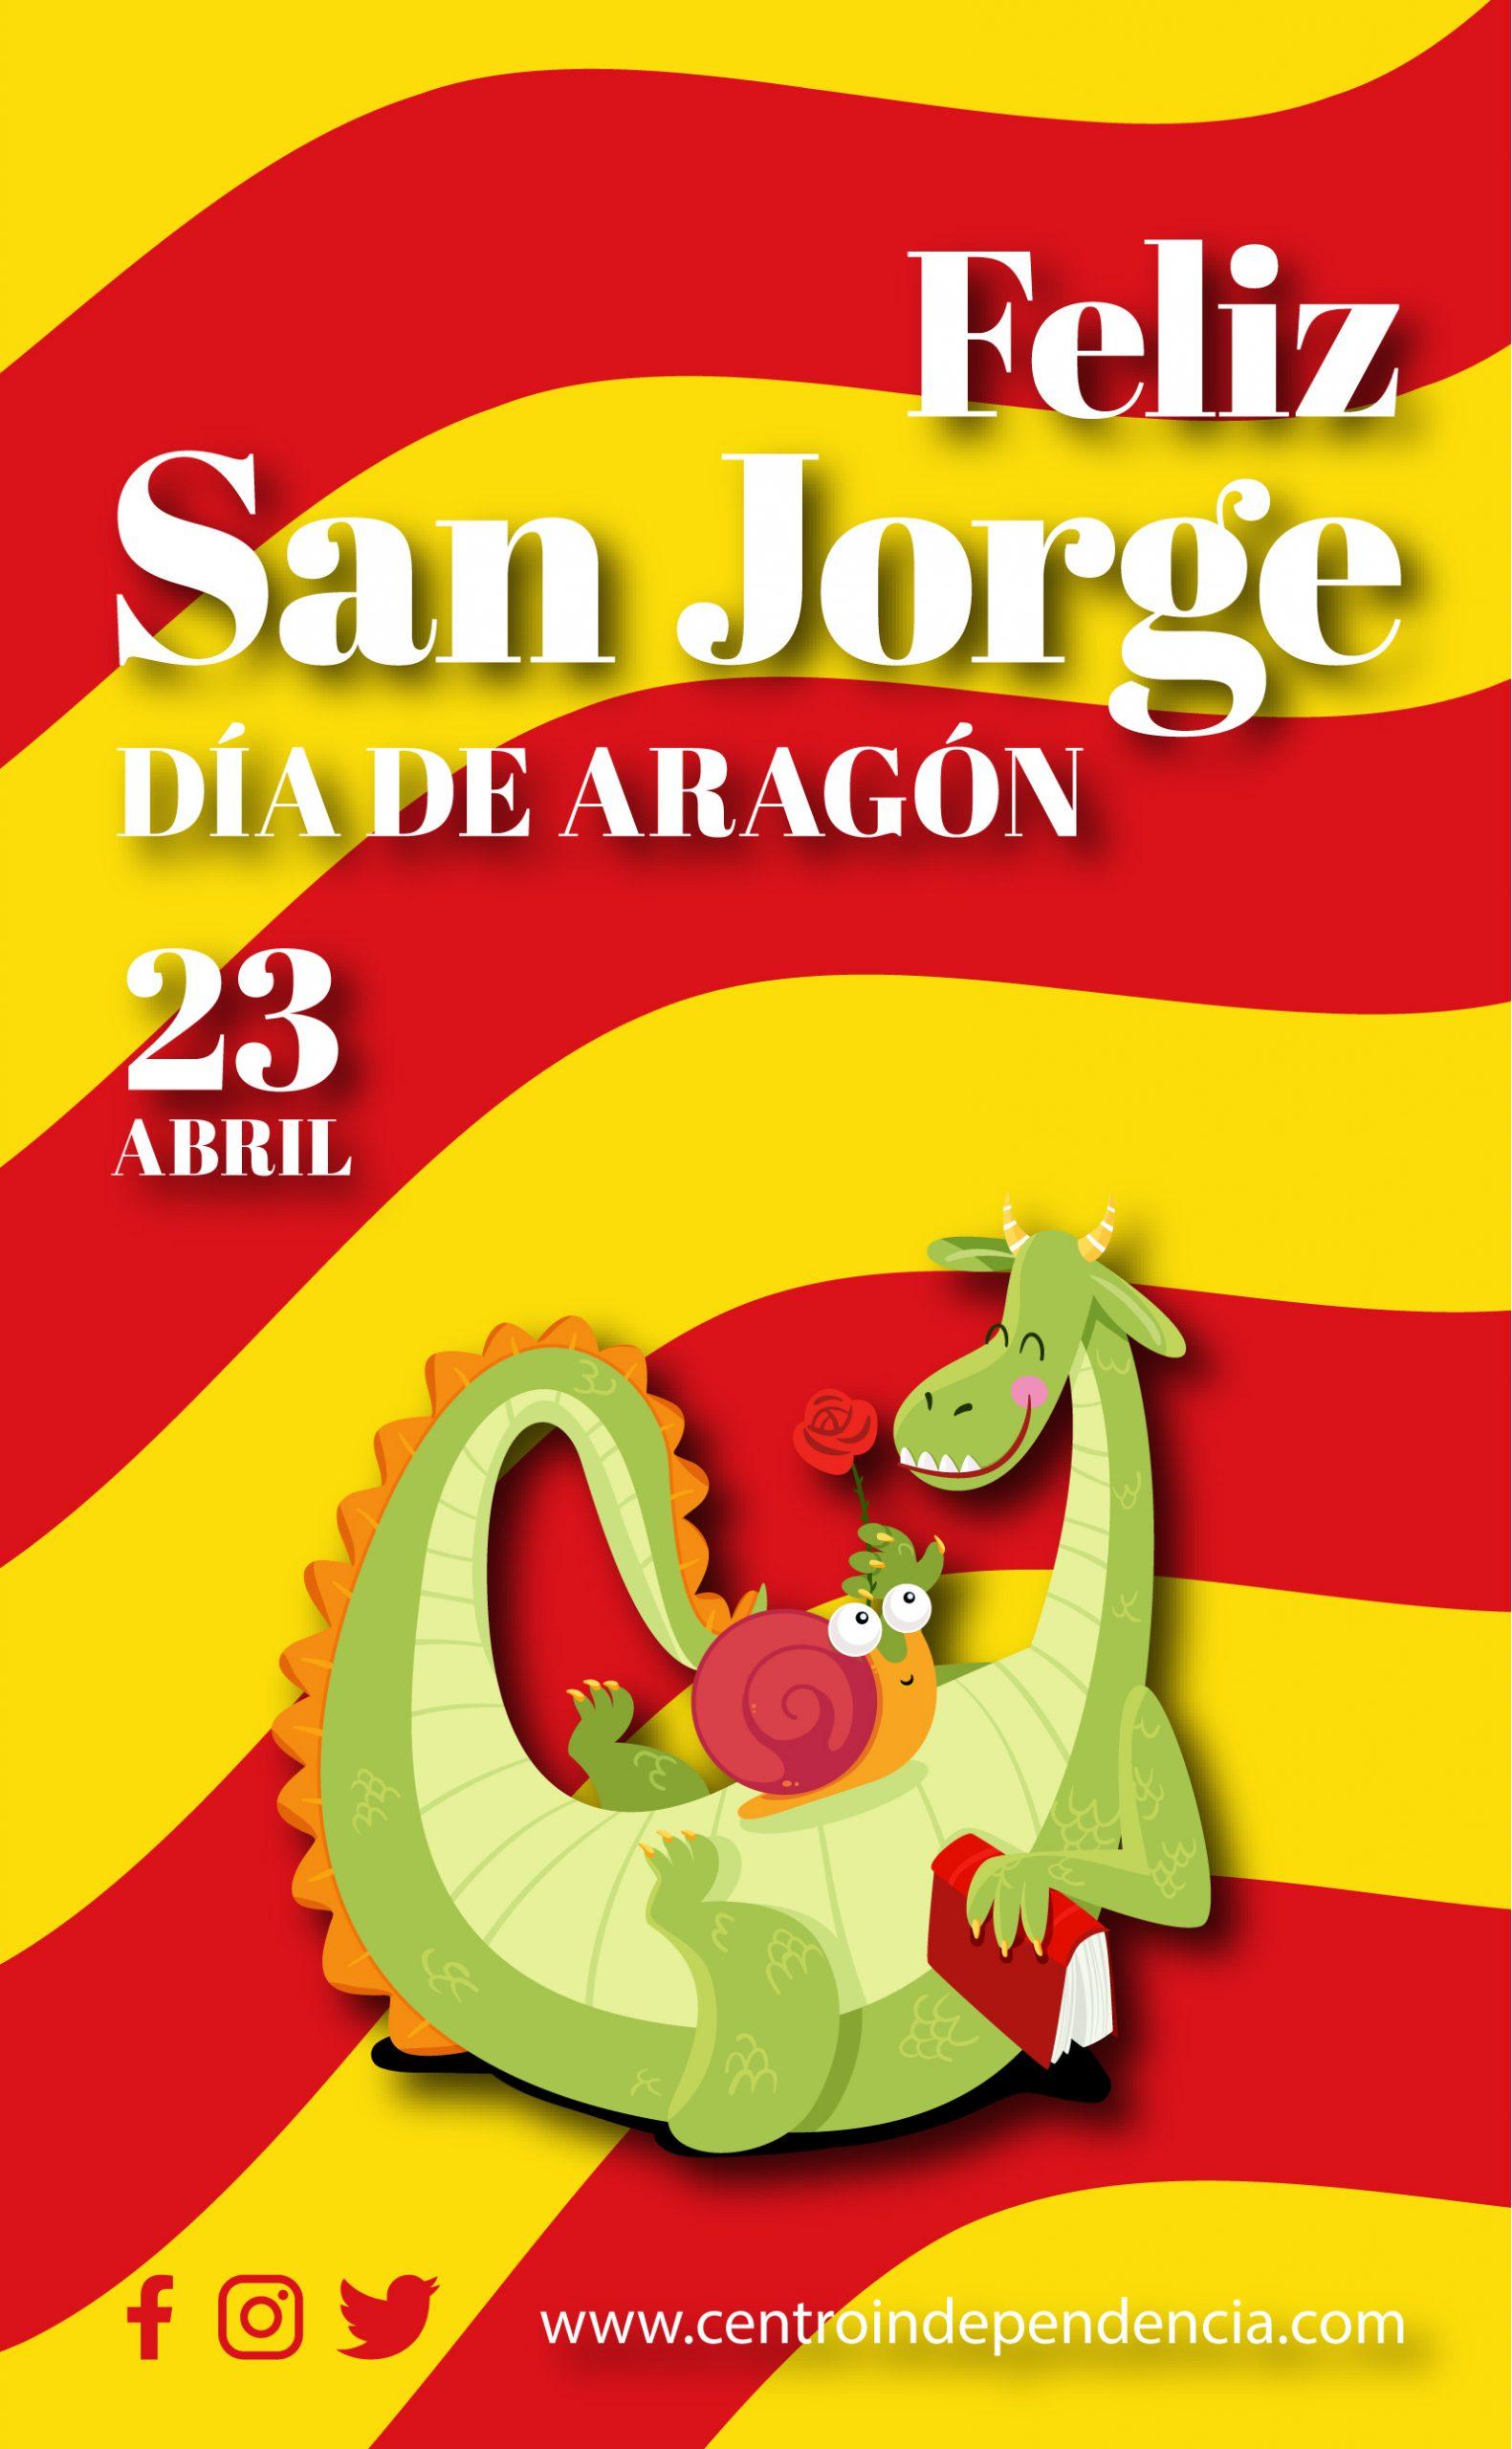 ¡Feliz Día de Aragón!